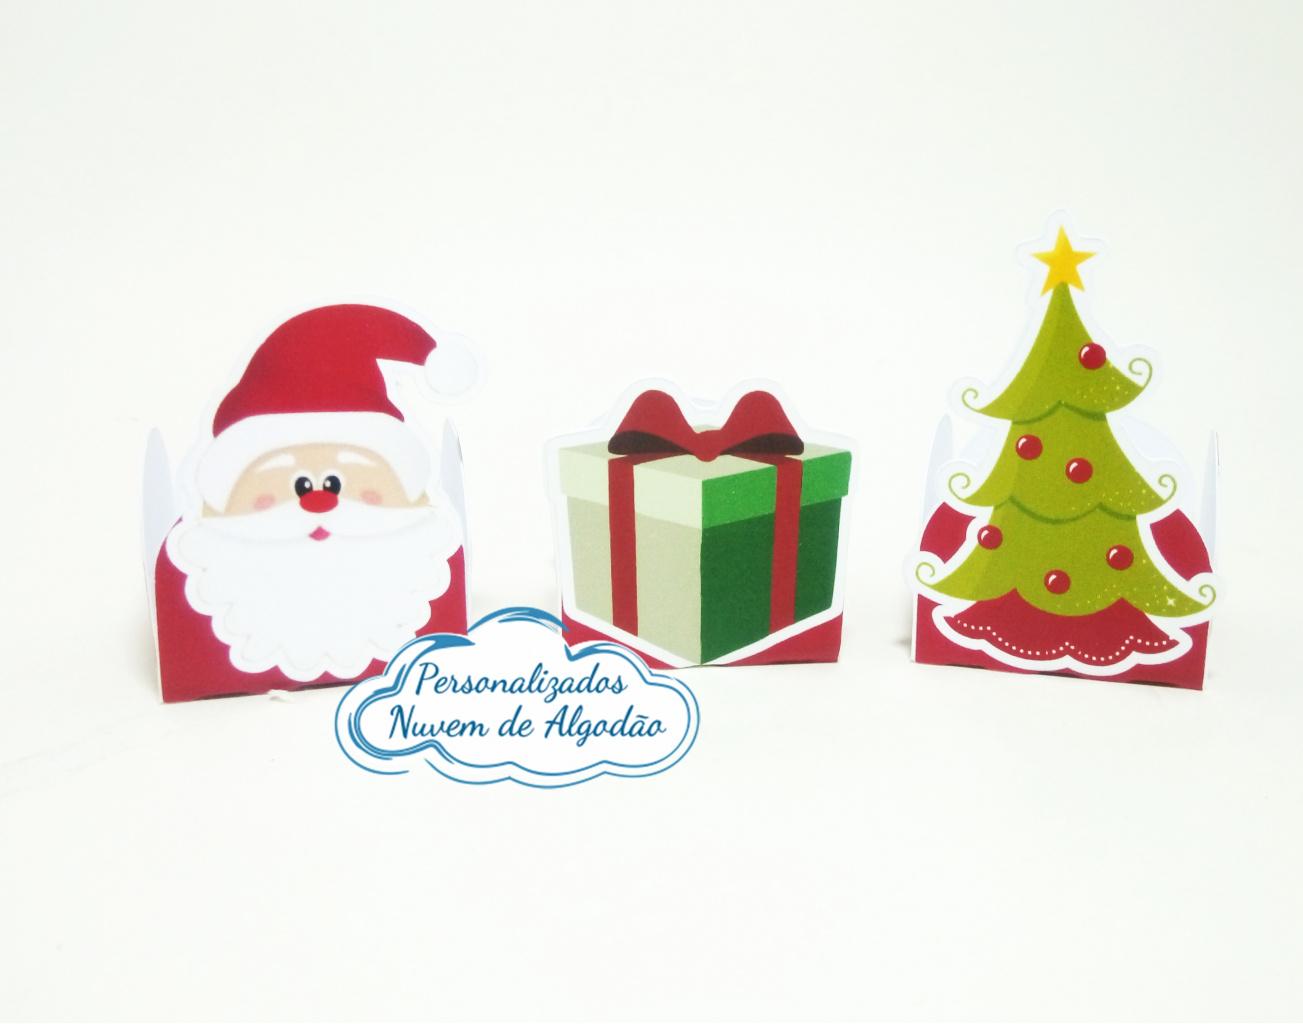 Nuvem de algodão personalizados - Forminha Natal